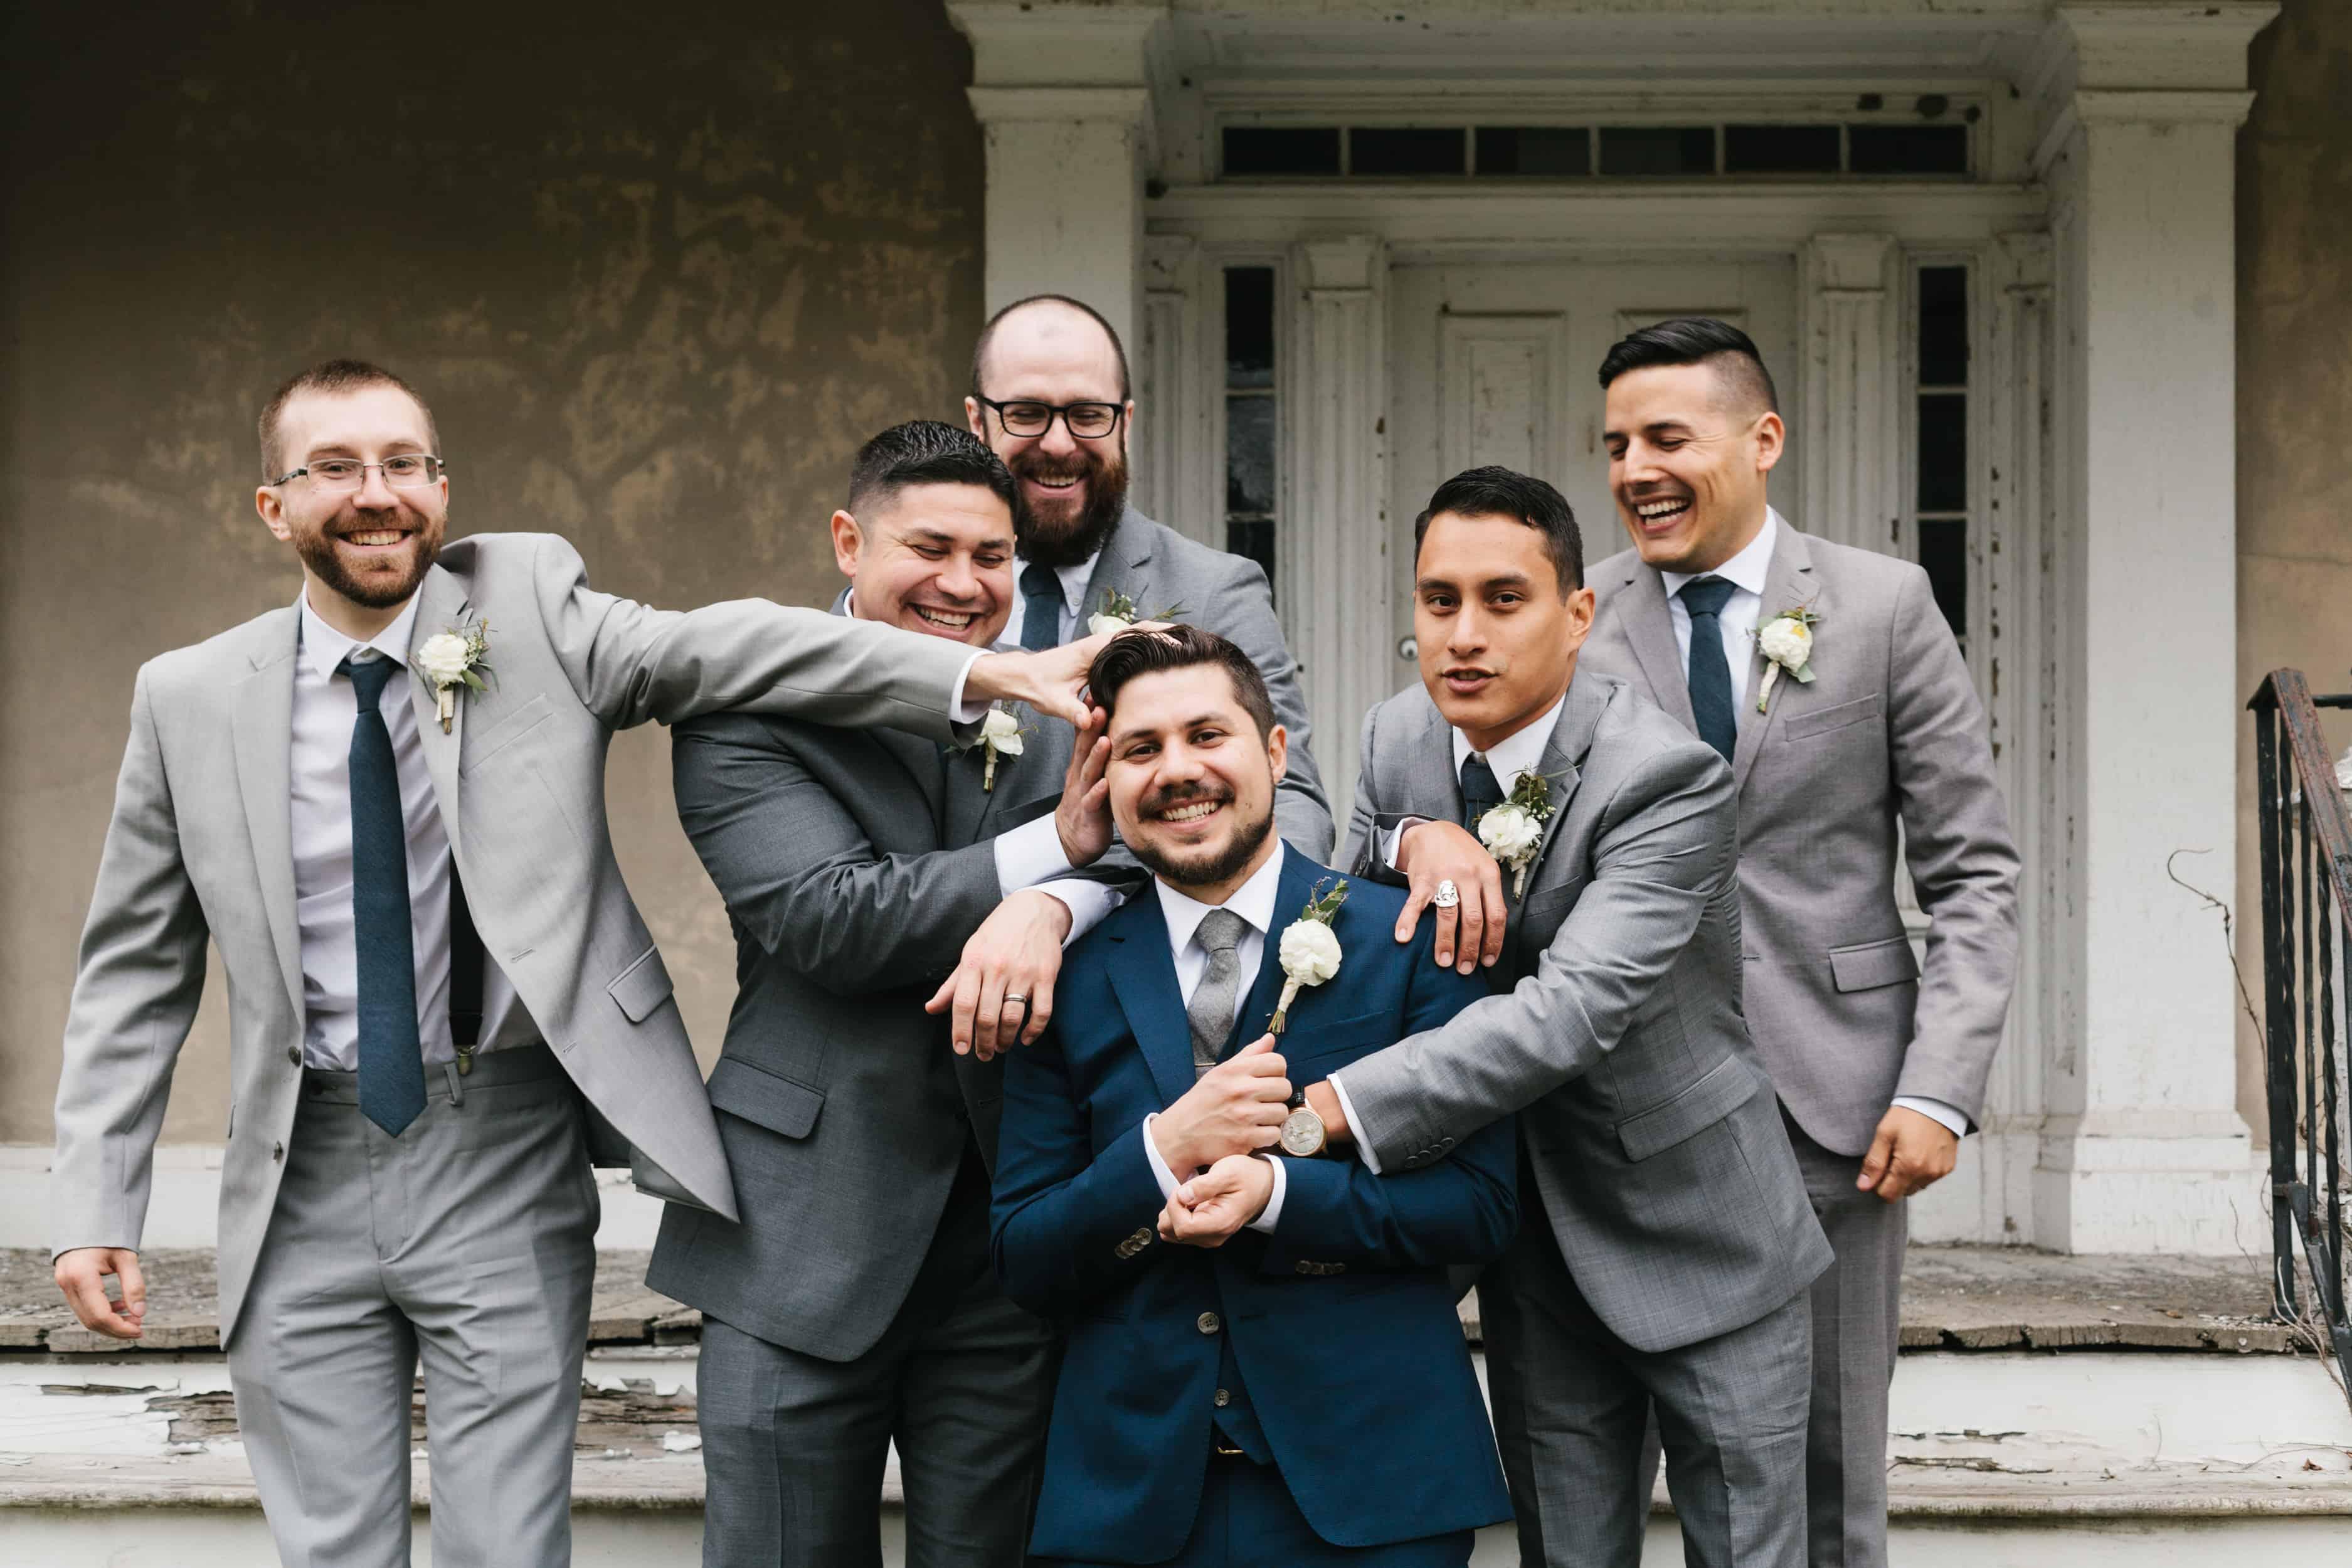 outdoor groomsmen wedding party